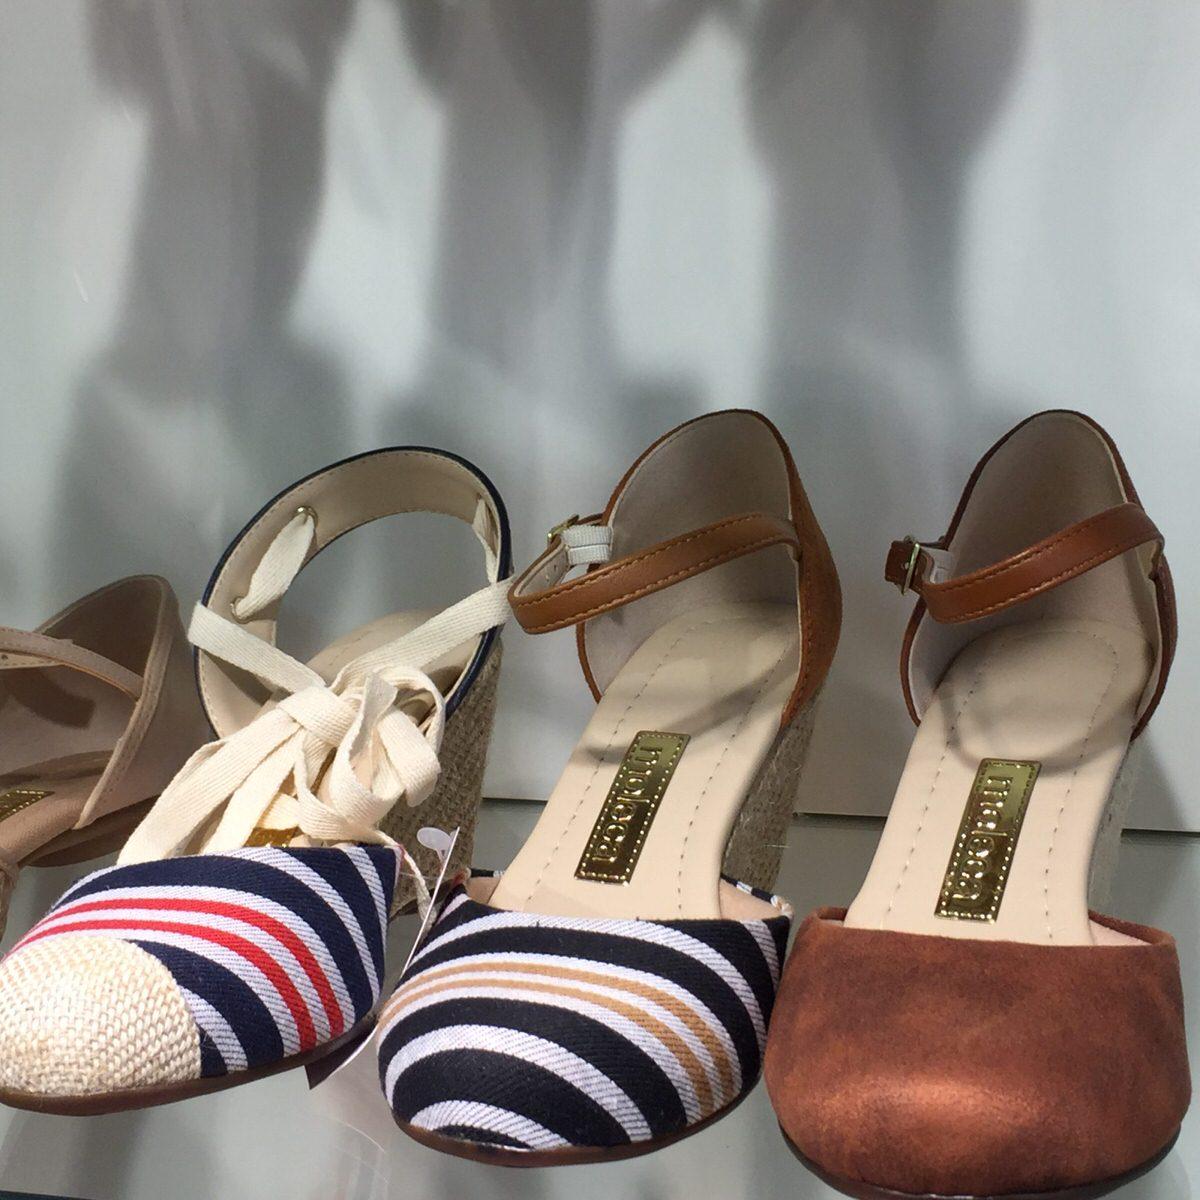 Calçados Beira Rio modelos marca Moleca